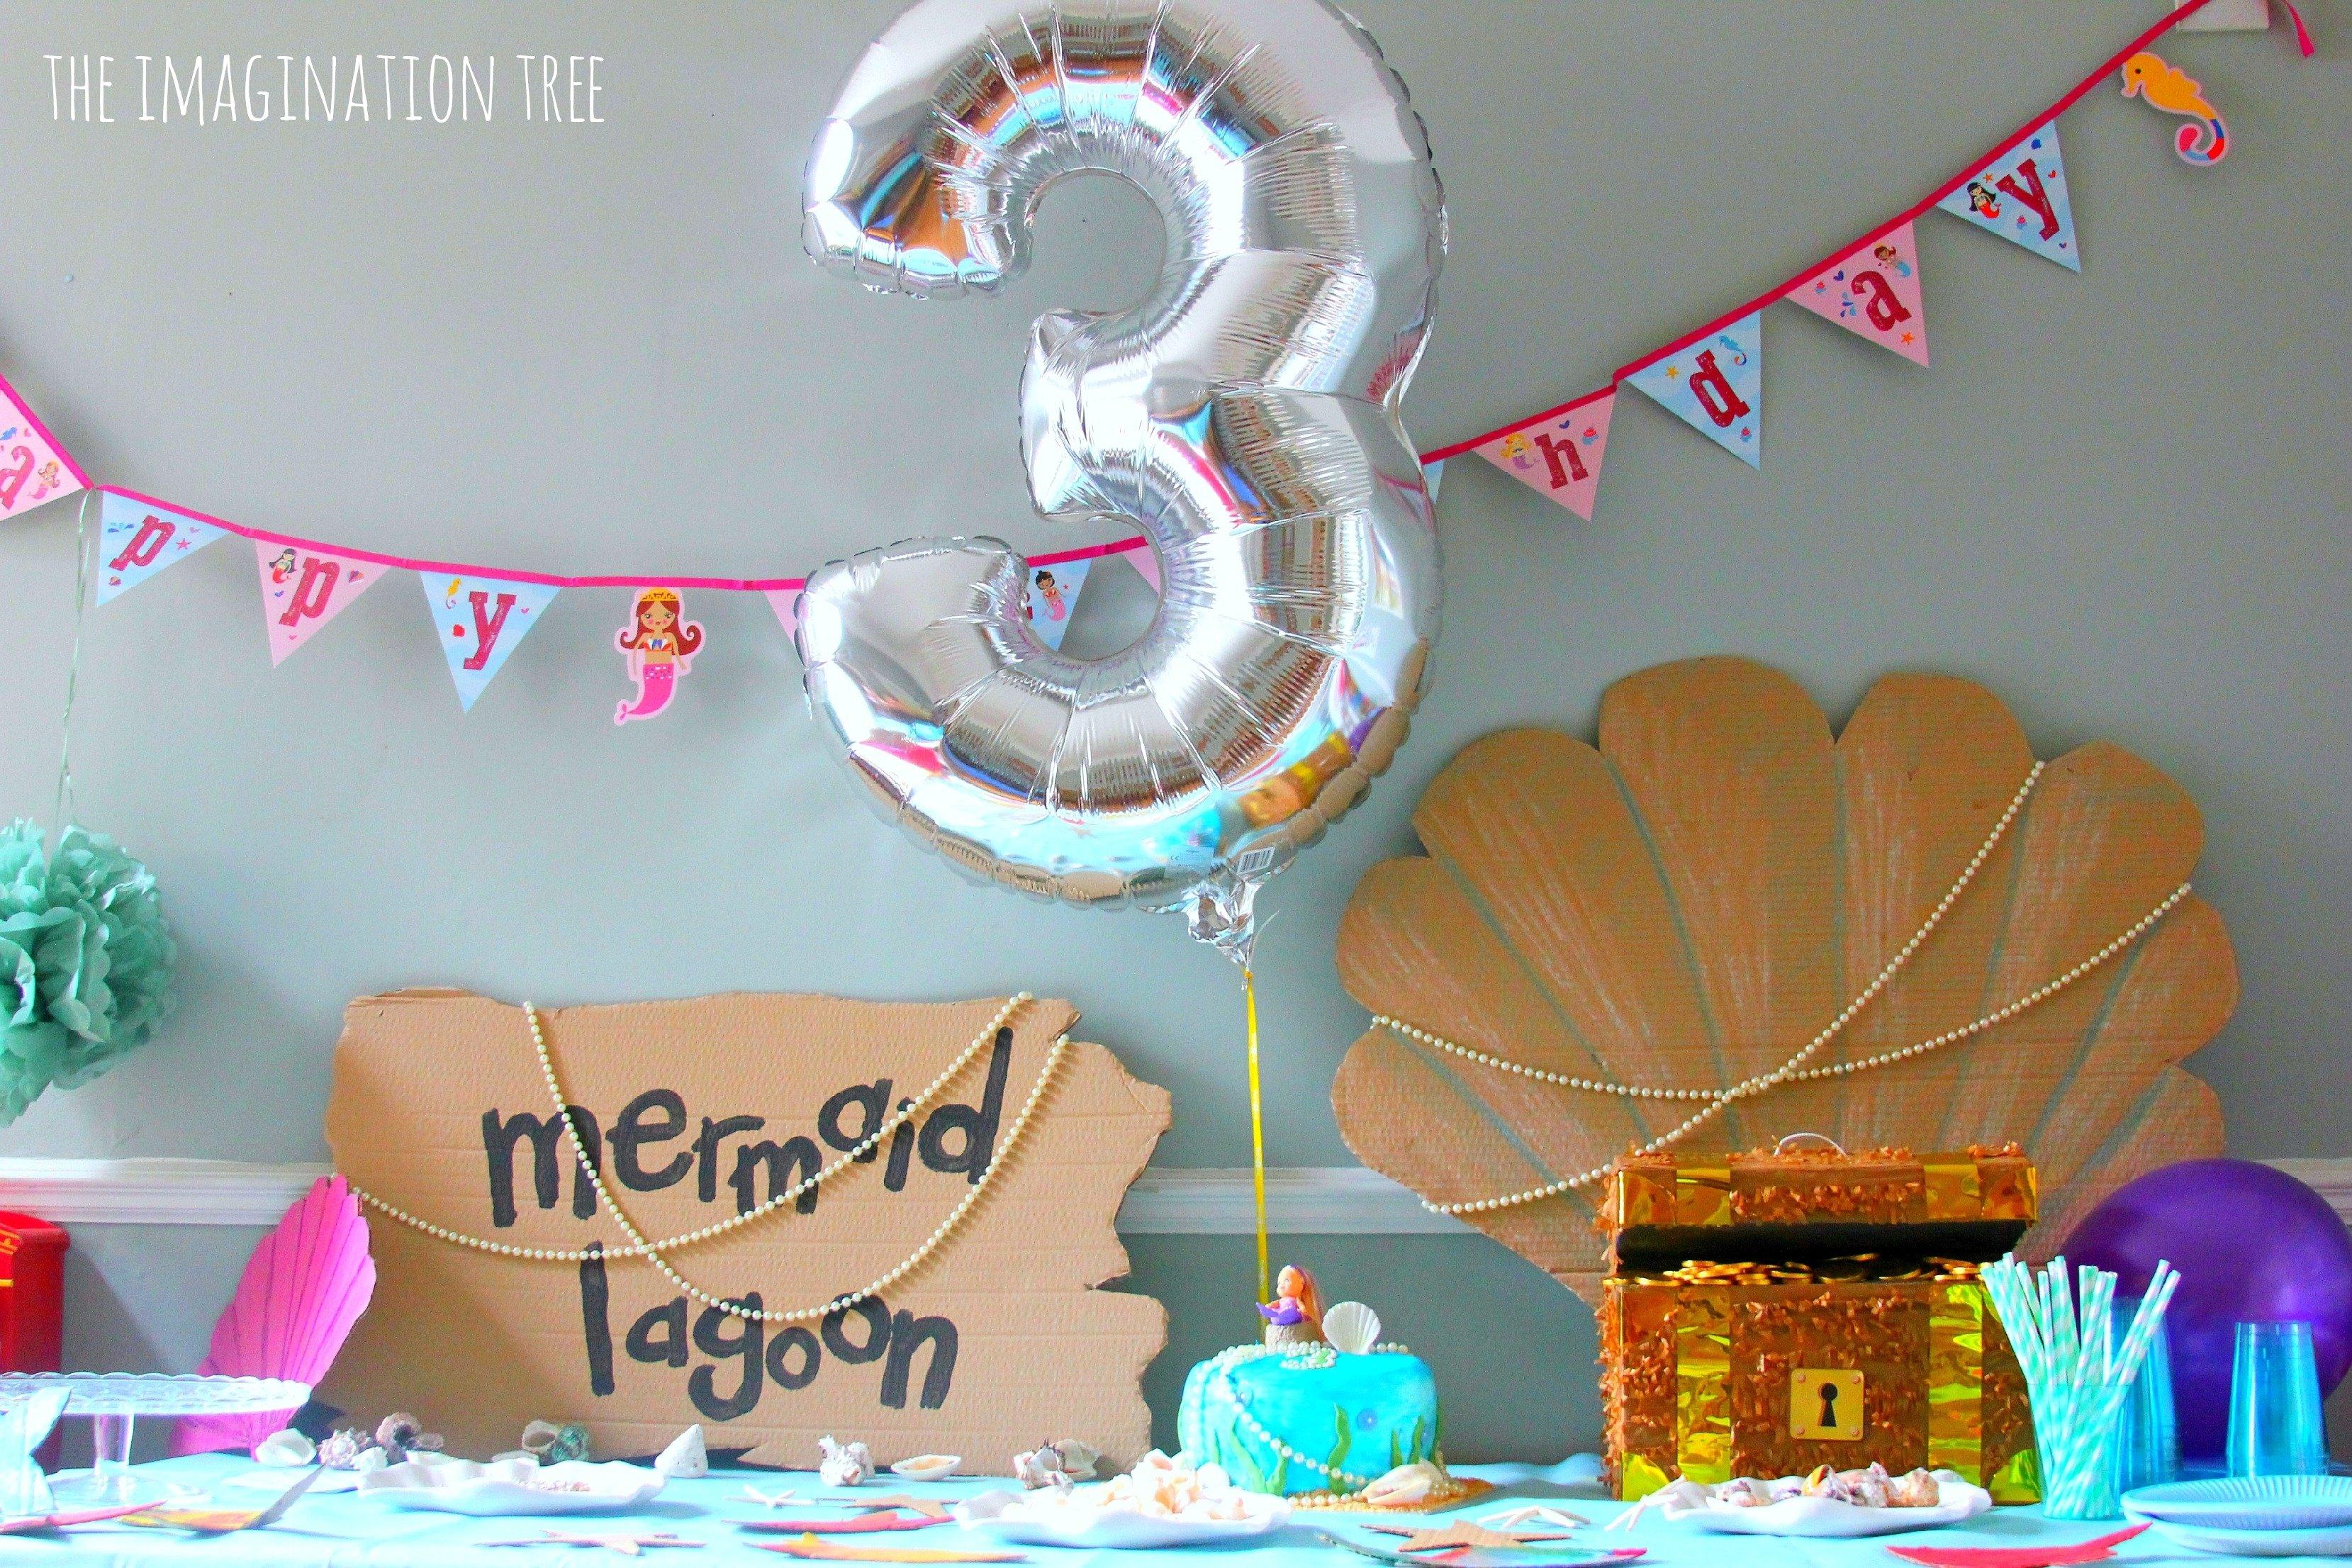 10 Most Popular Rainy Day Birthday Party Ideas mermaid birthday party ideas the imagination tree 1 2021